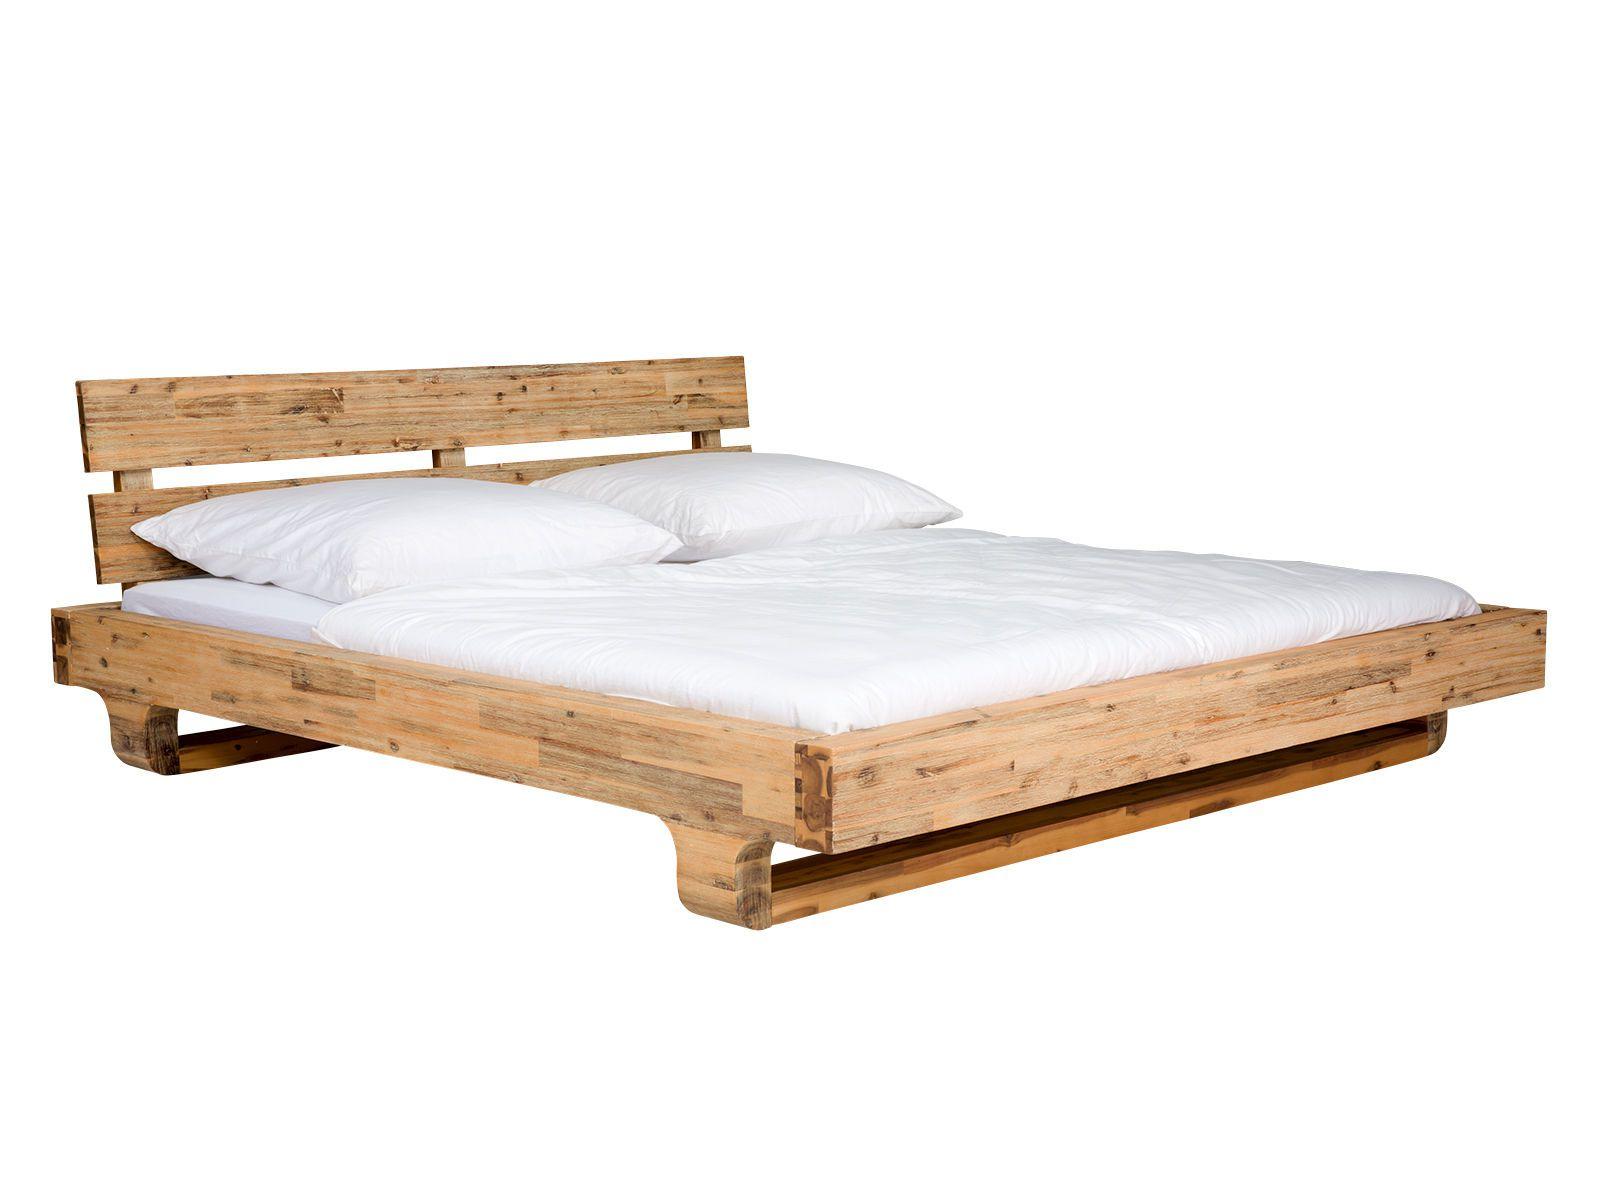 Full Size of Betten Aus Massivholz Kaufen Doppelbetten Von Massivum Landhausstil Weiße 90x200 Joop Schramm Xxl 200x200 Esstische Massiv Rauch 140x200 Jugend Ebay 180x200 Bett Massiv Betten